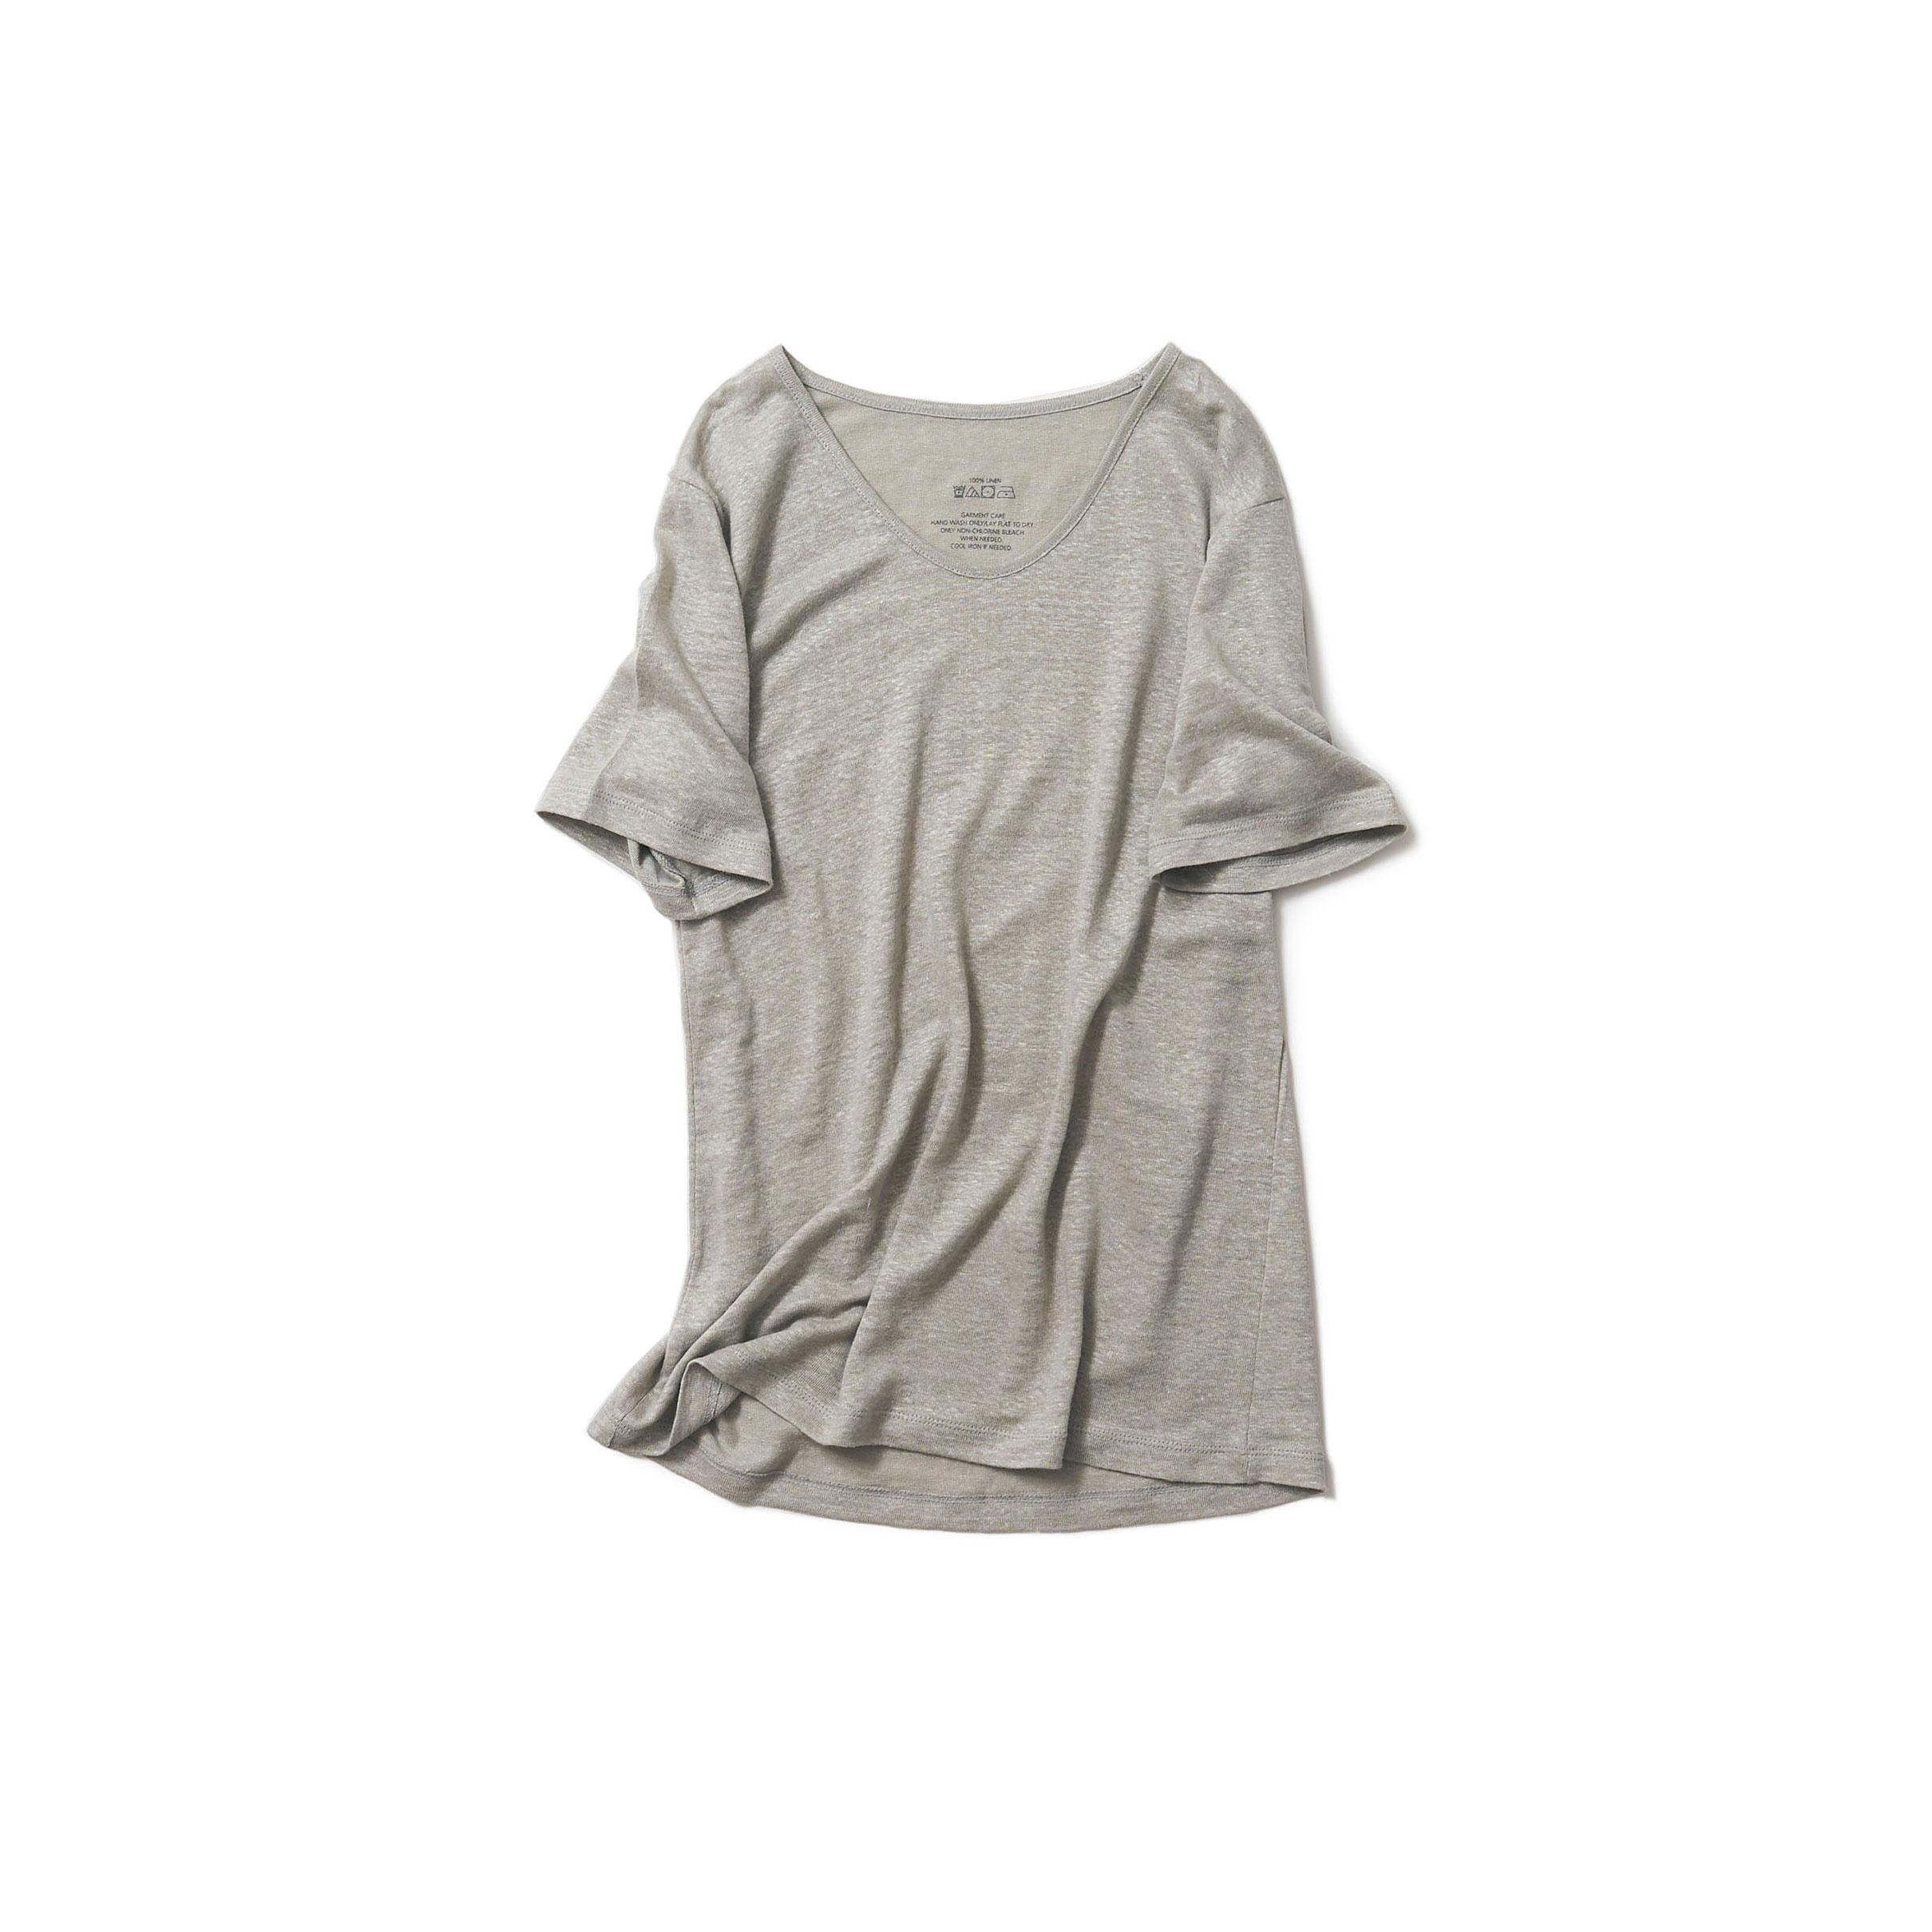 ナチュラルTシャツ・グレー